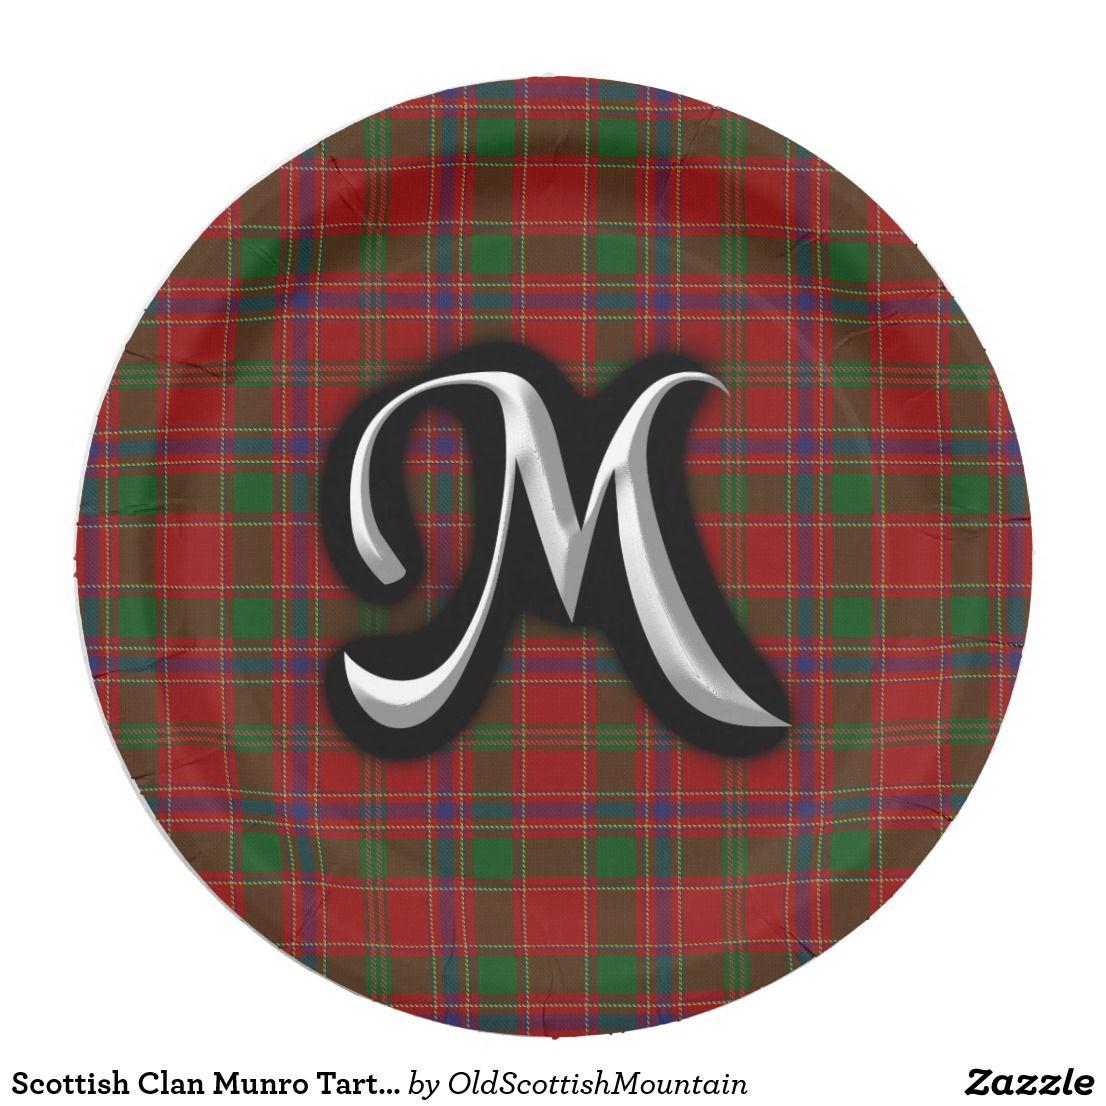 Scottish Clan Munro Tartan Paper Plate  sc 1 st  Pinterest & Scottish Clan Munro Tartan Paper Plate   Clan Munro   Pinterest ...